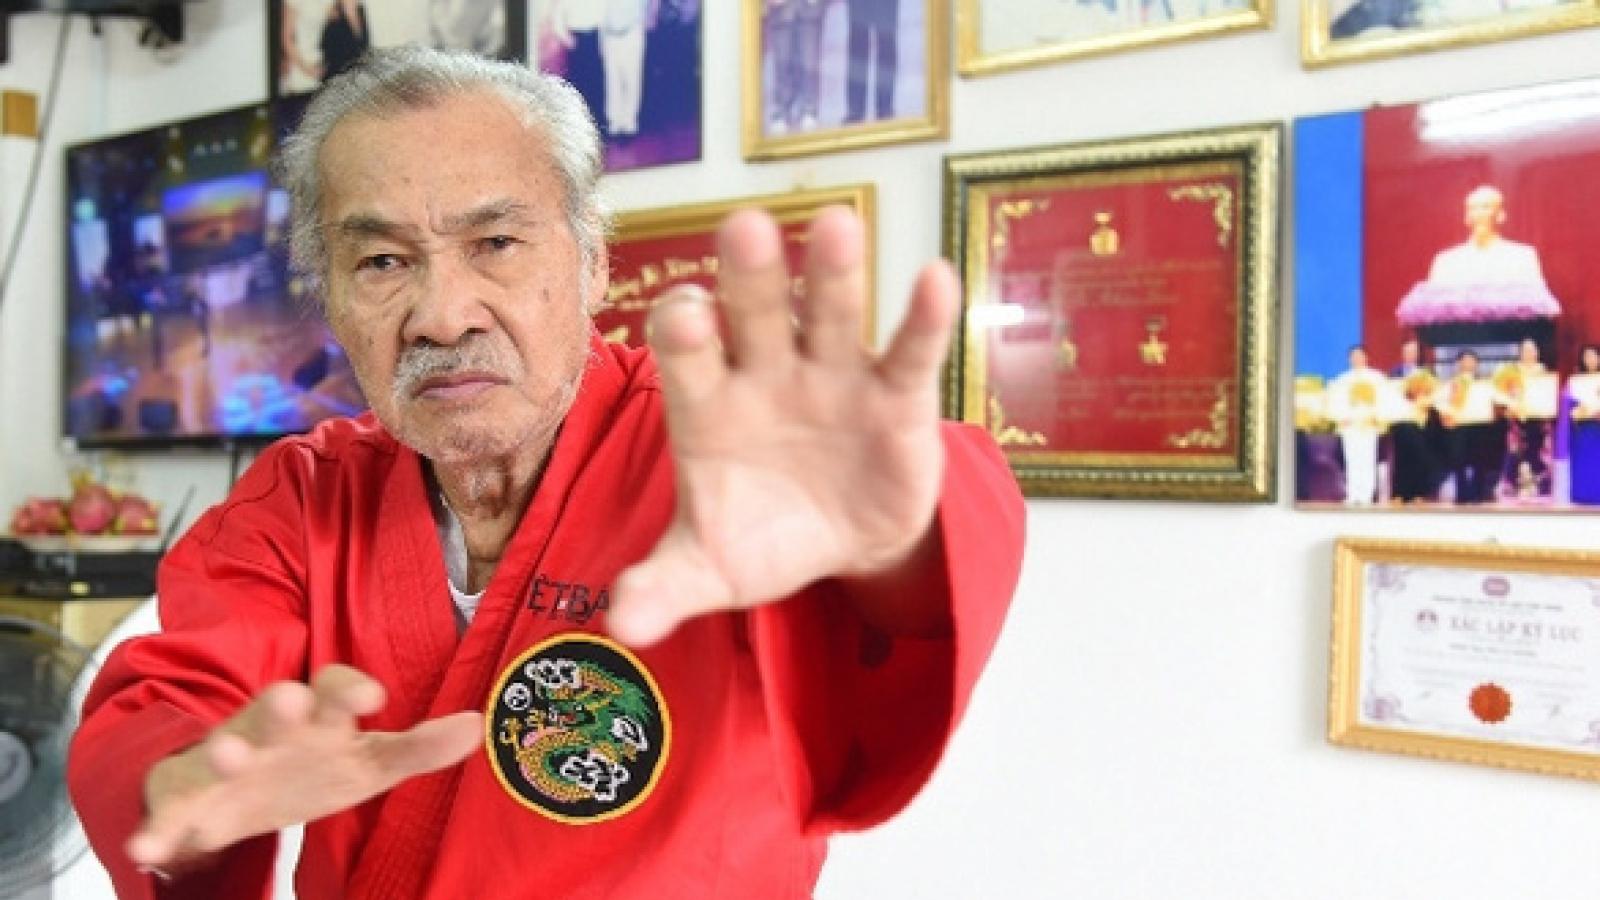 NSND Lý Huỳnh qua đời ở tuổi 78 sau thời gian dài chữa bệnh